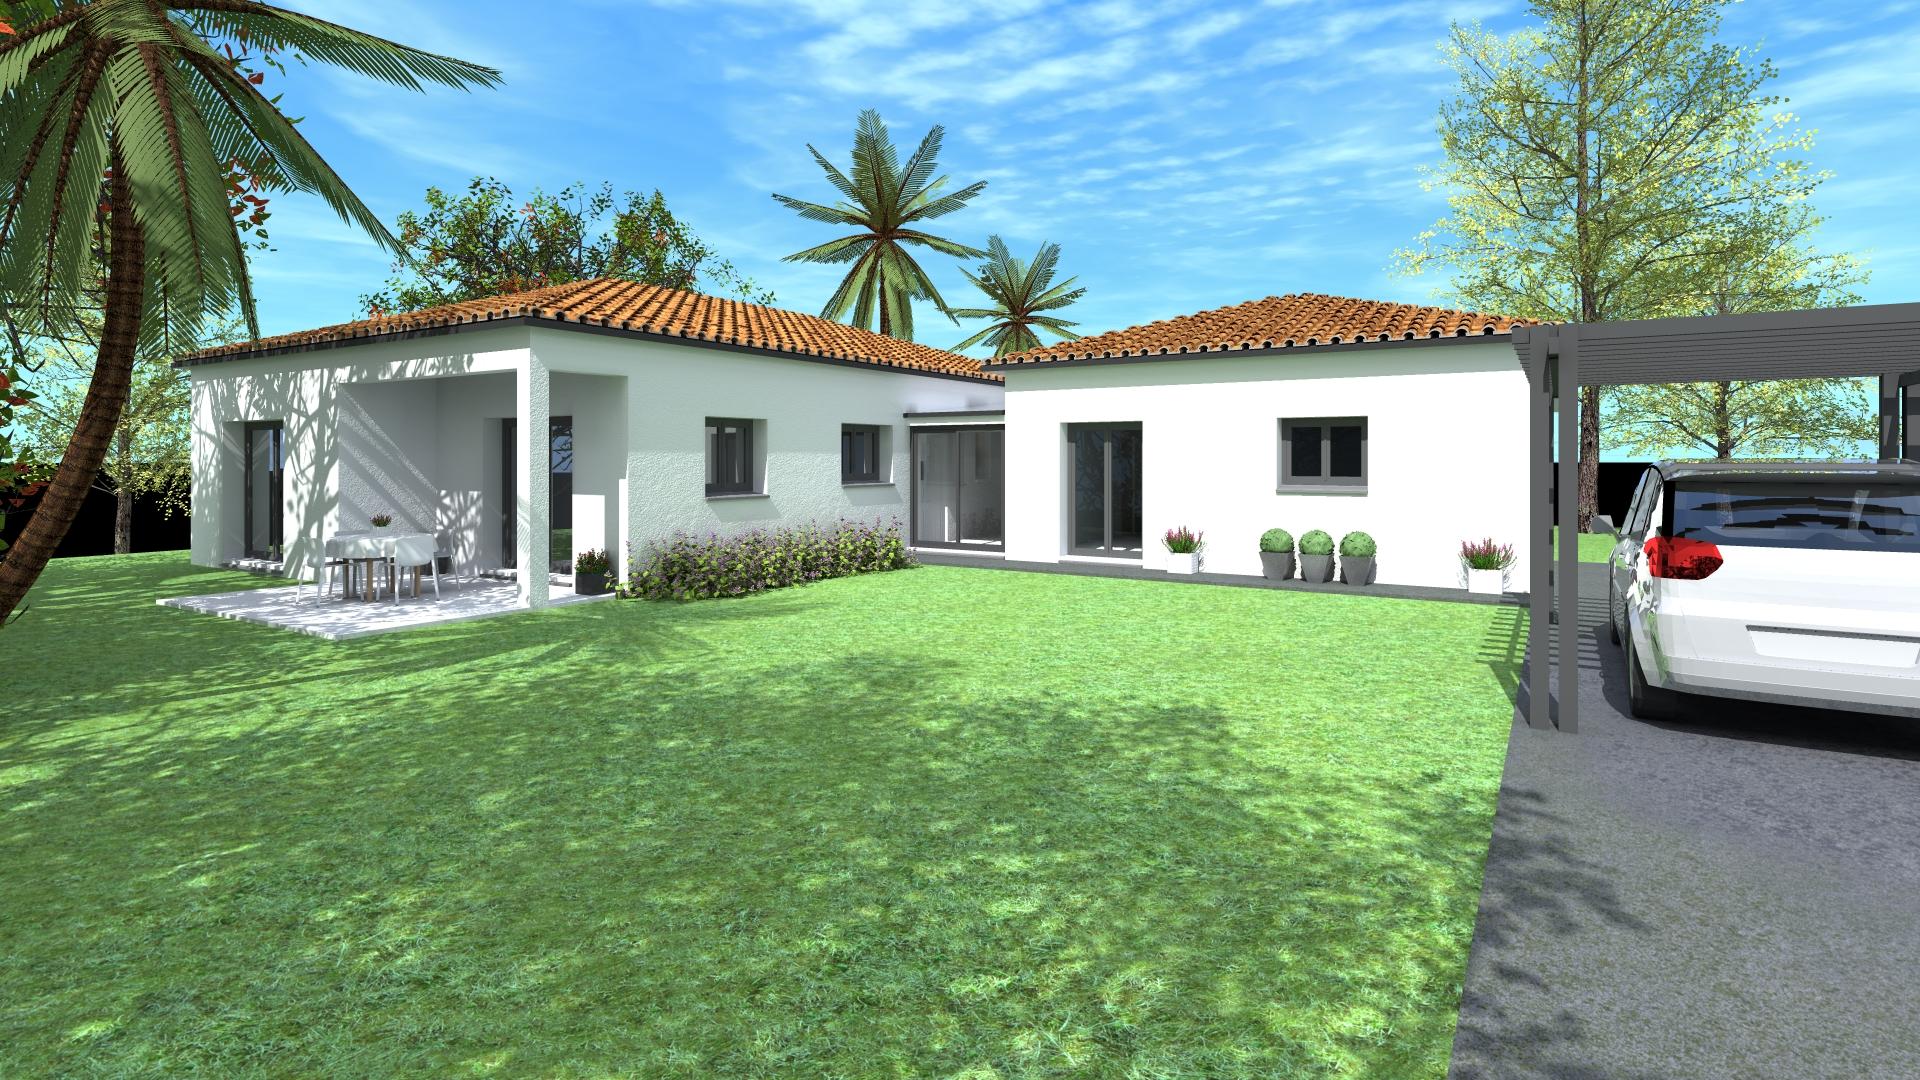 Maisons + Terrains du constructeur VILLAS SUD CREATION • 120 m² • FRONTON